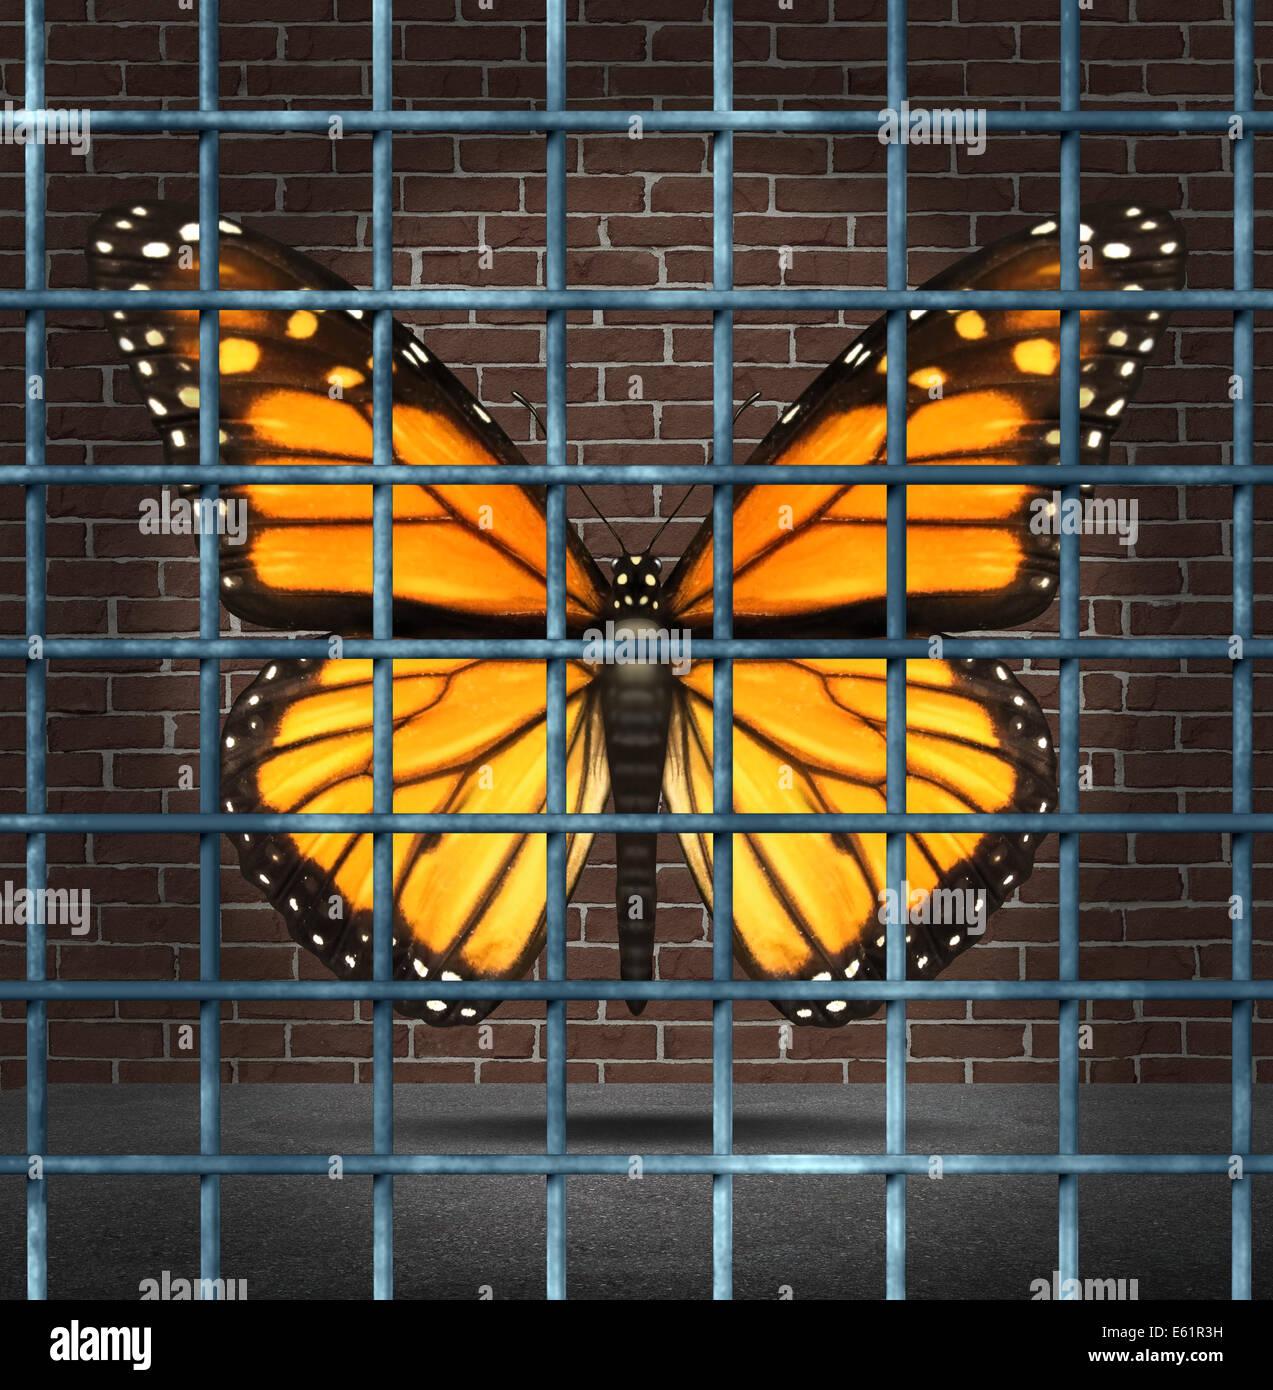 Atrapado creatividad y limitaciones creativo concepto de negocio como una mariposa monarca detrás de los barrotes Imagen De Stock